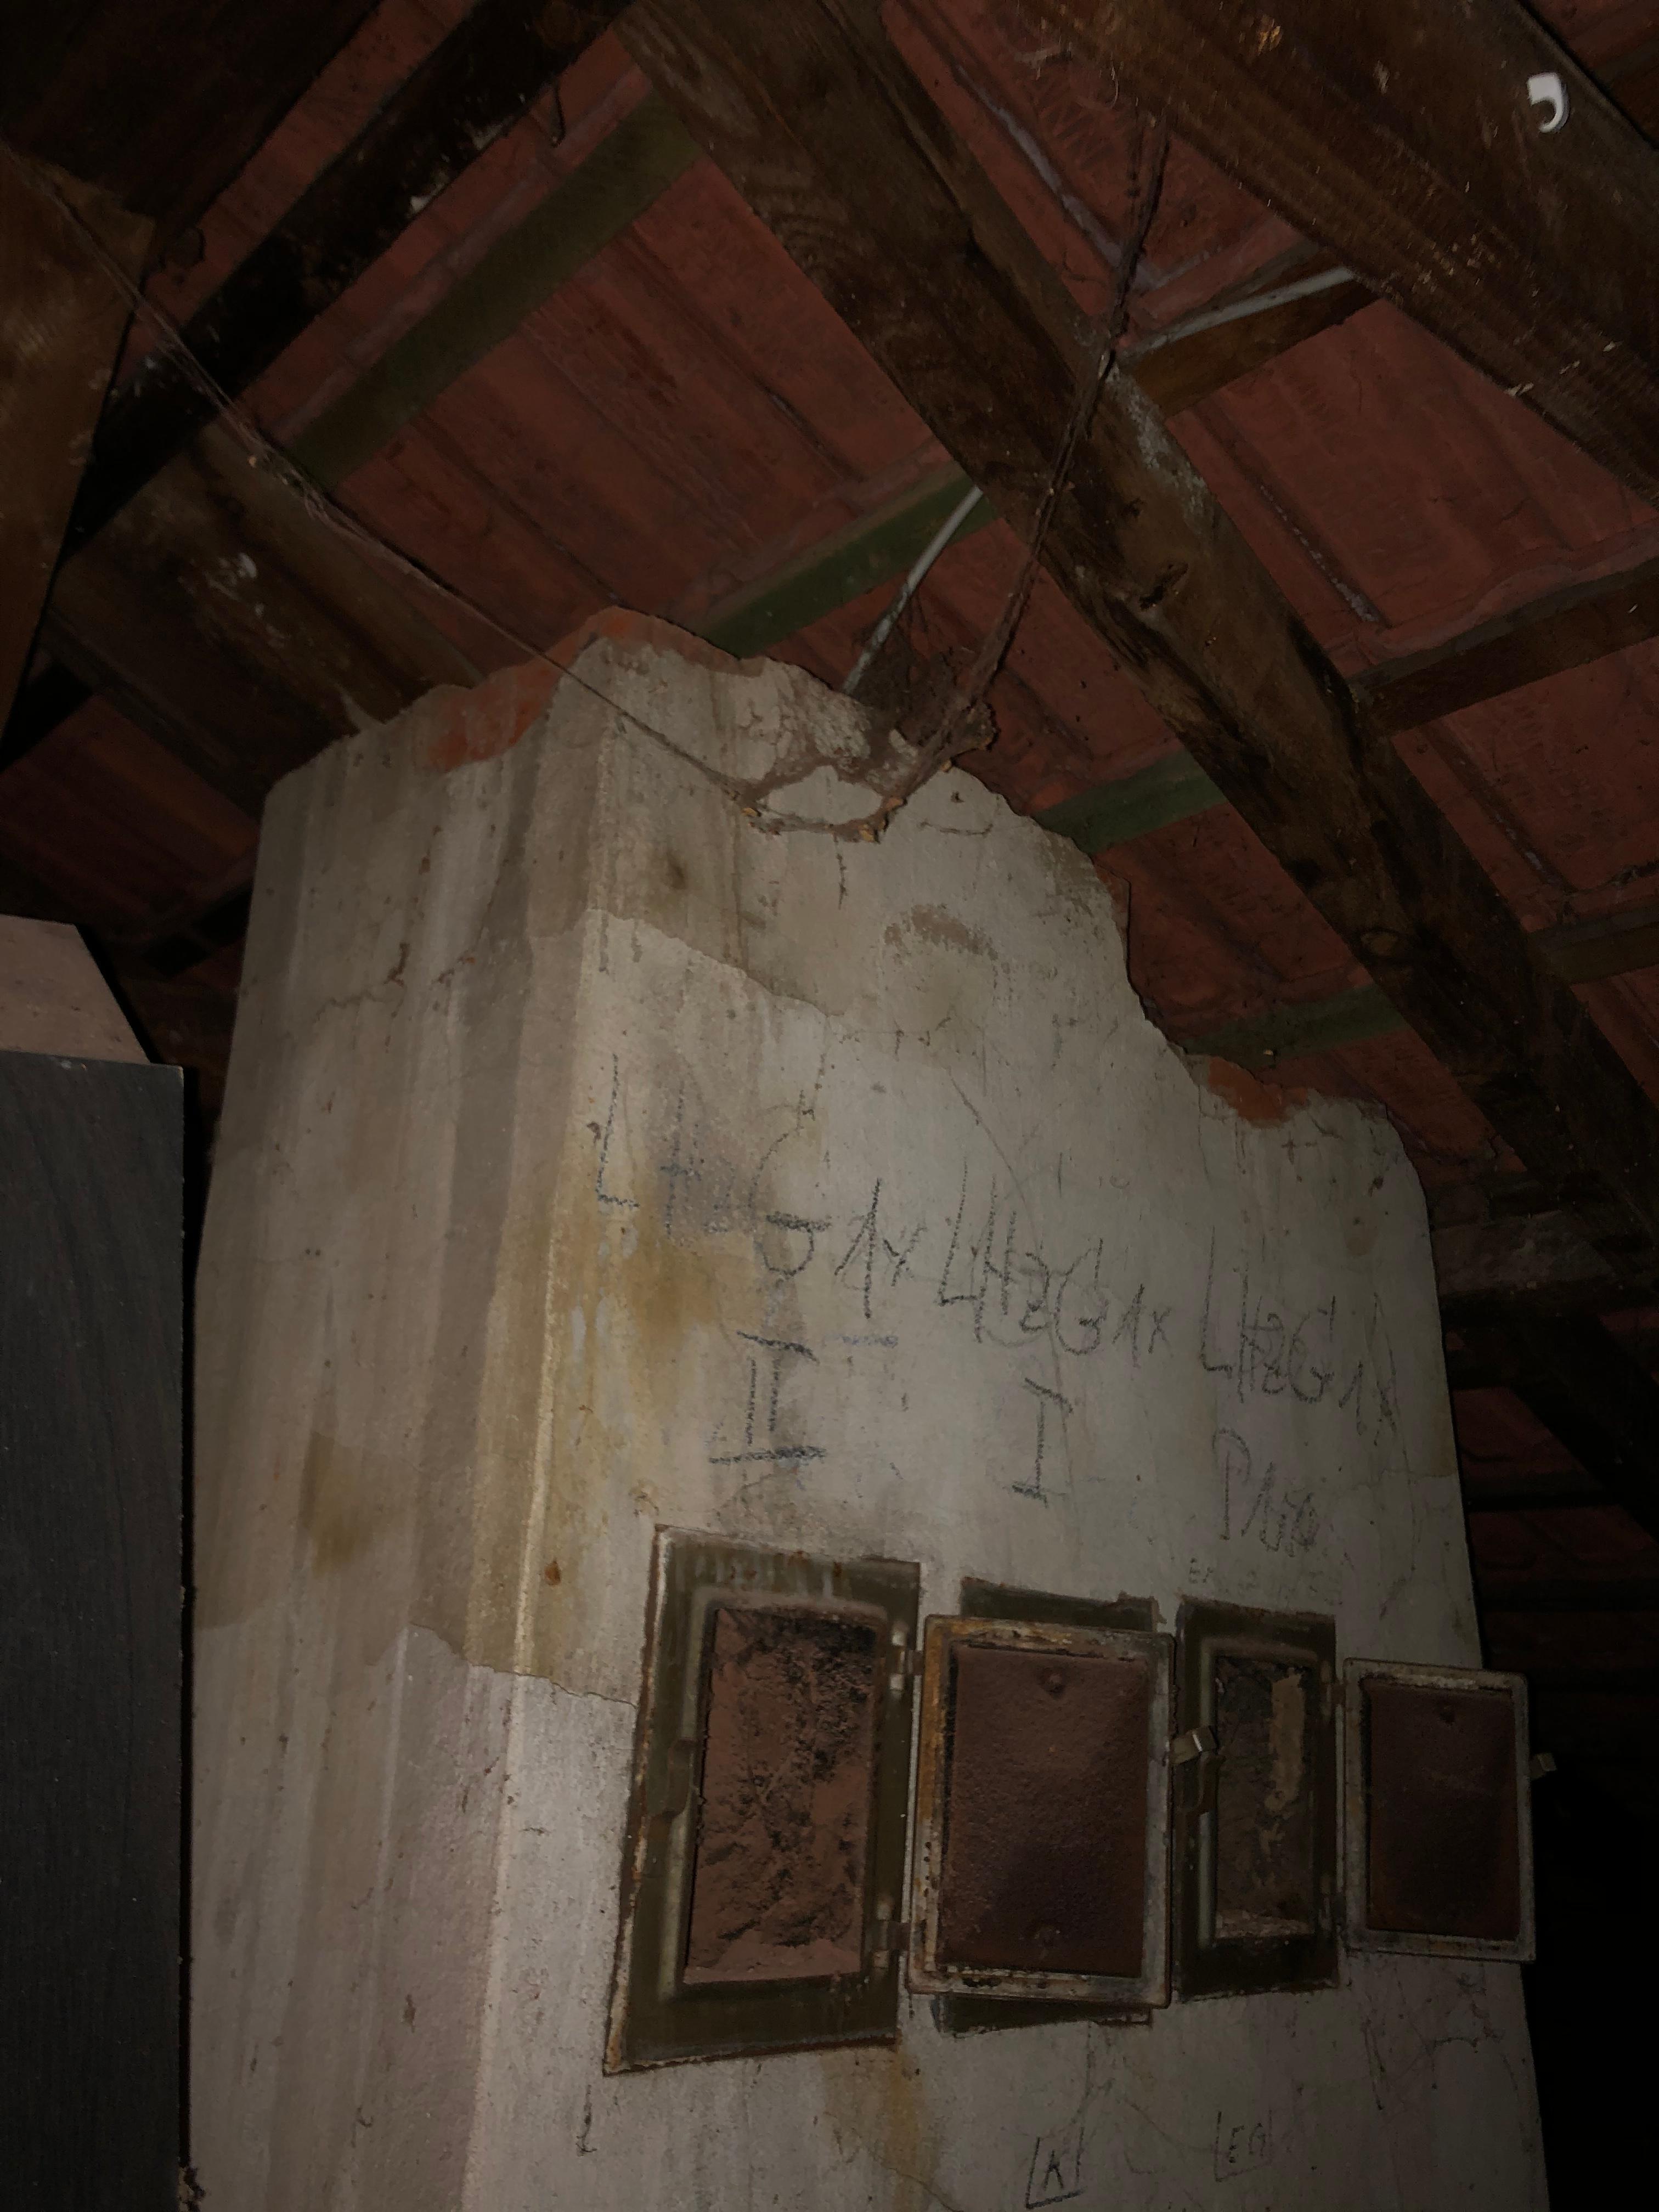 Schornstein Abreissen Haus Bauen Hilfestellung